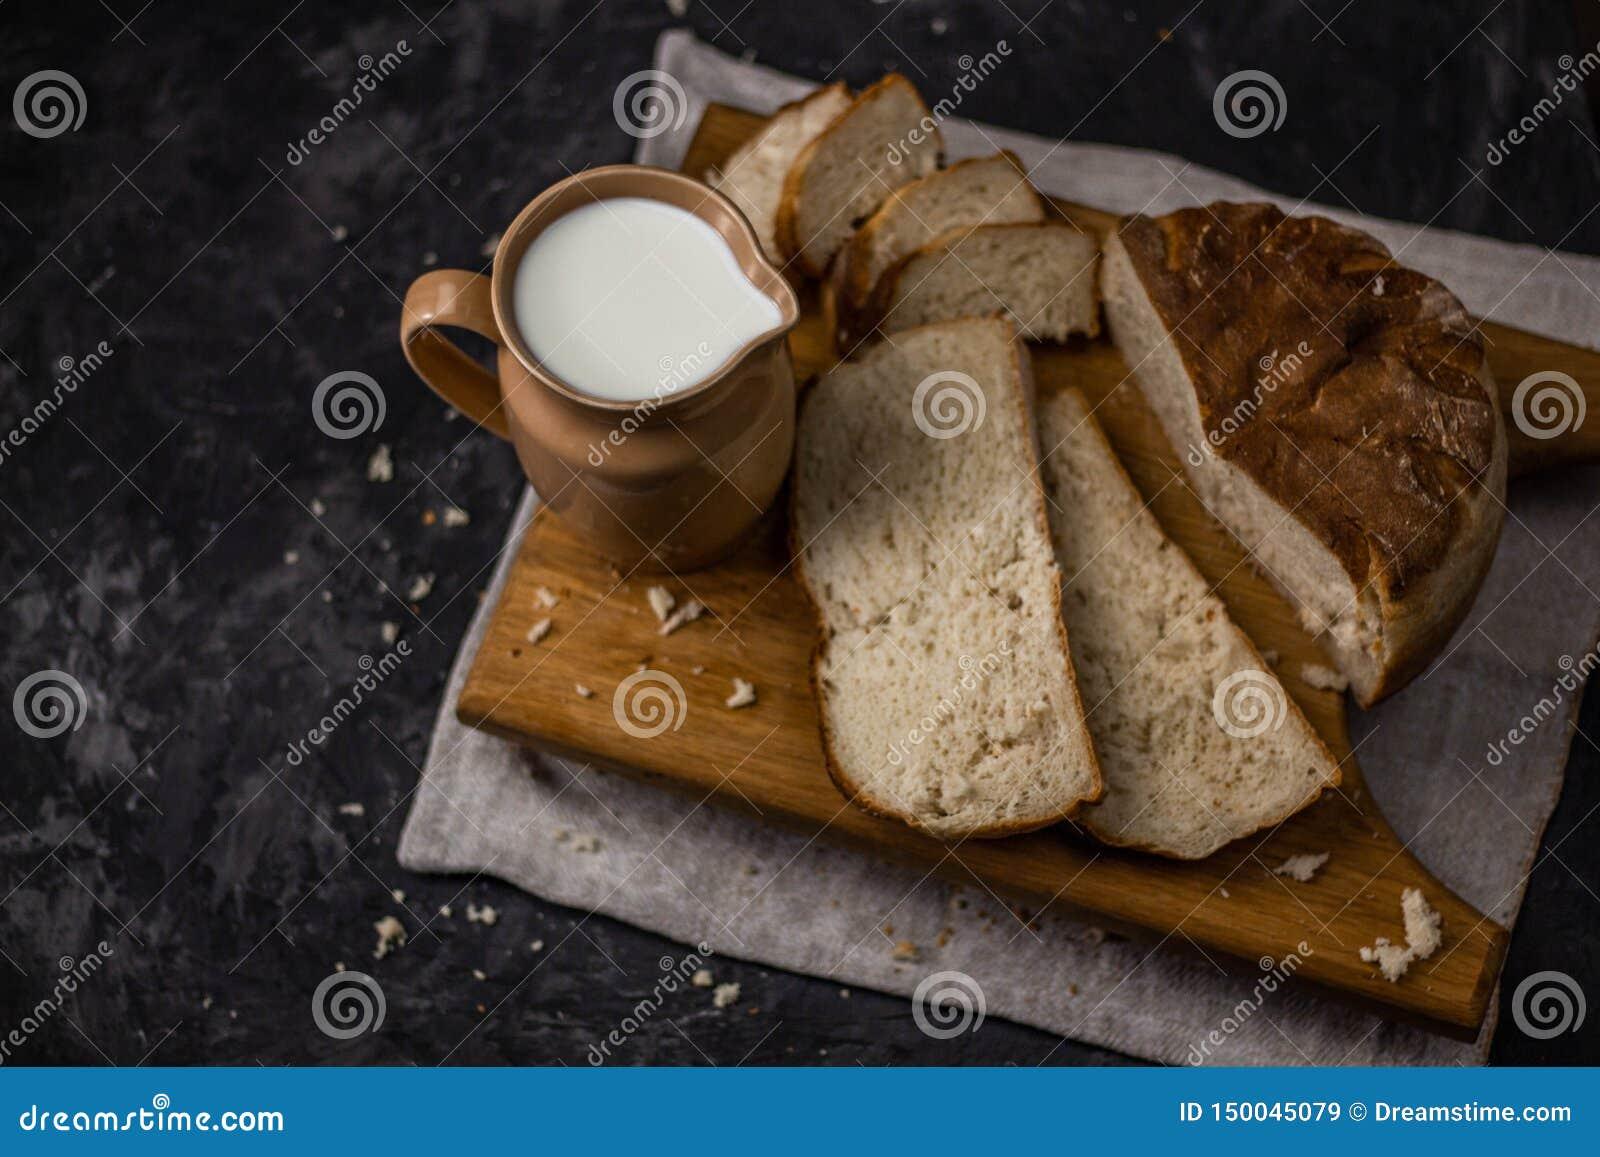 Widok dzbanek dojny i domowej roboty świeżo piec biały chleb na czarnym tle